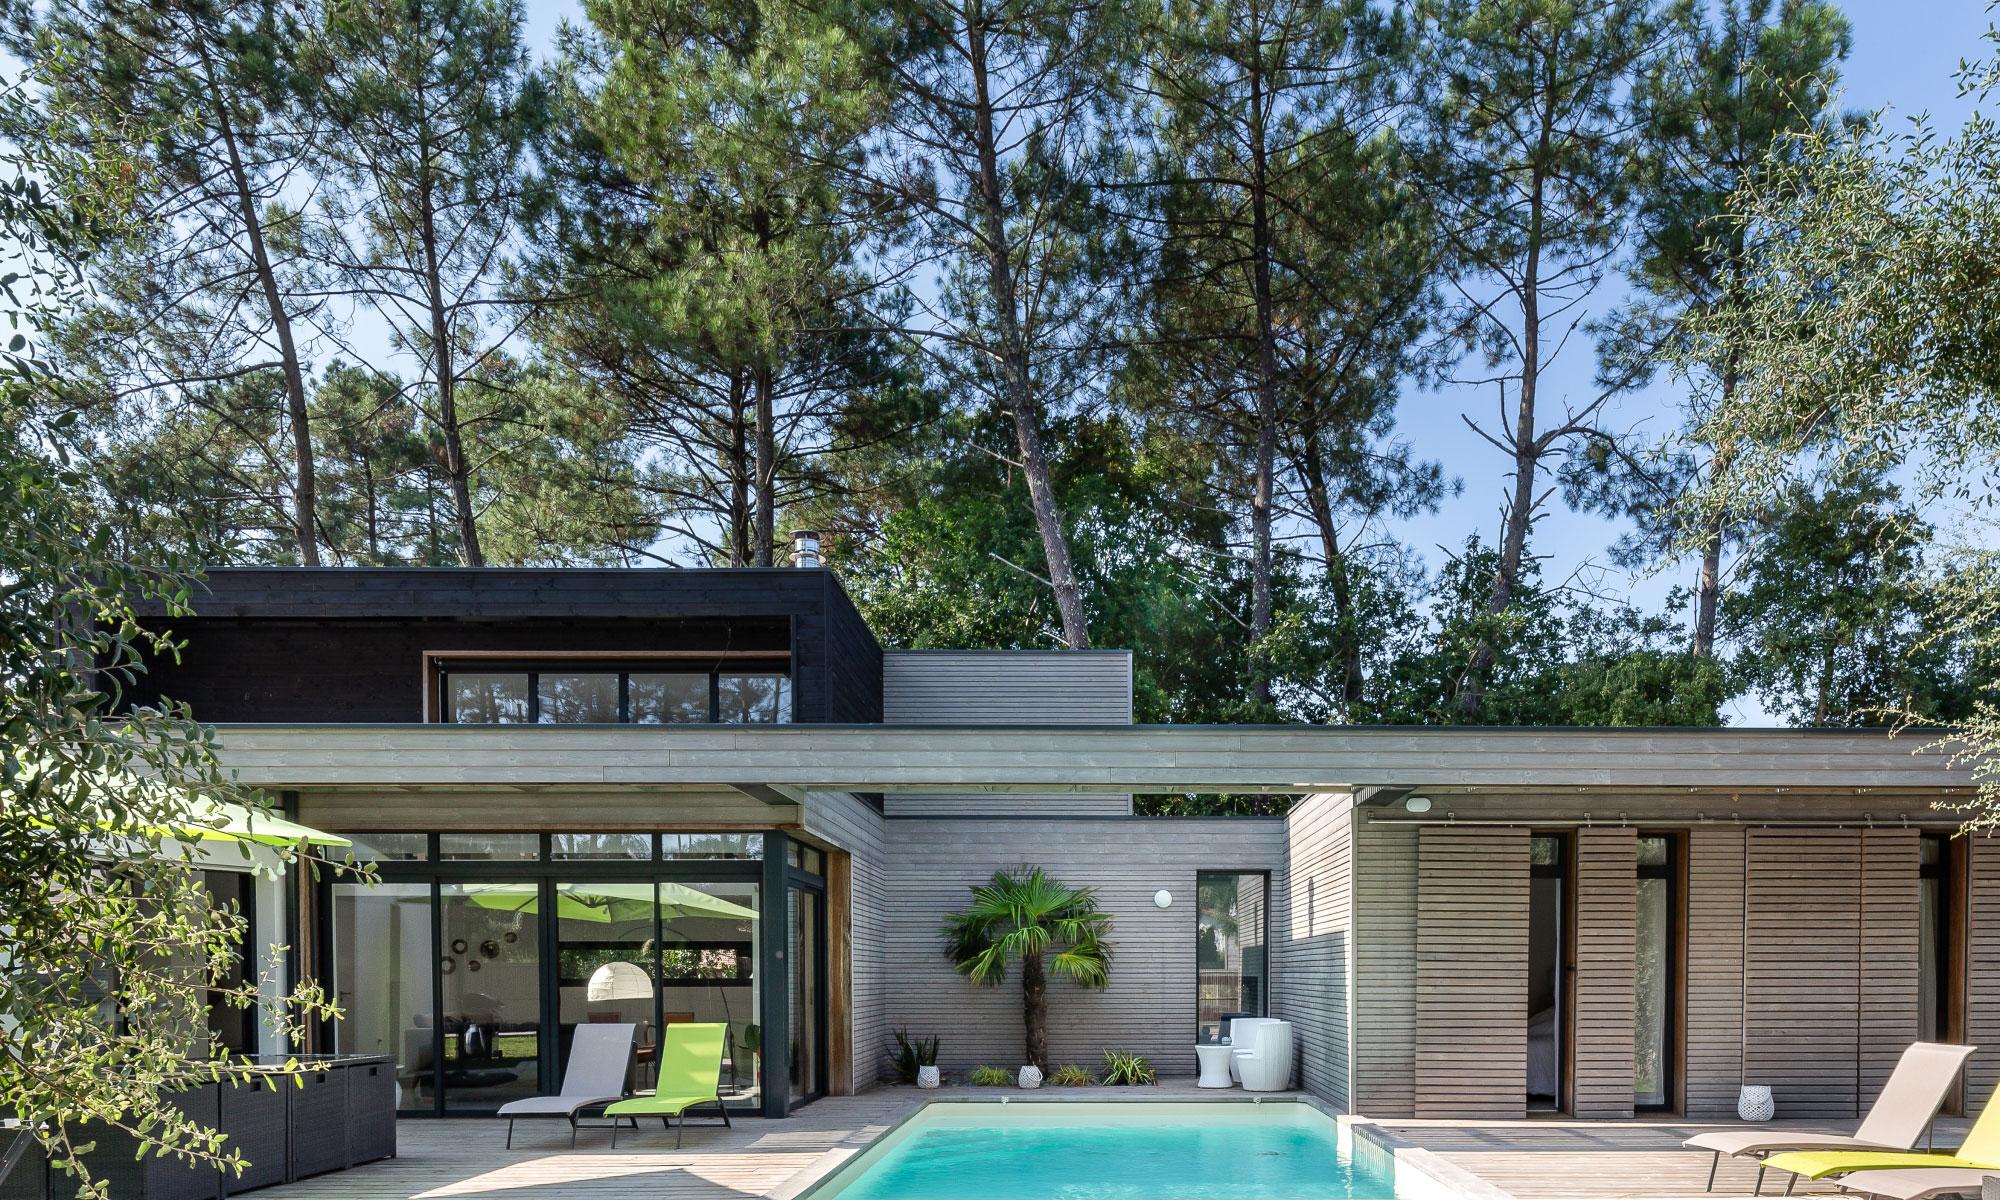 Maison contemporaine - boiclimatic maison bois landes